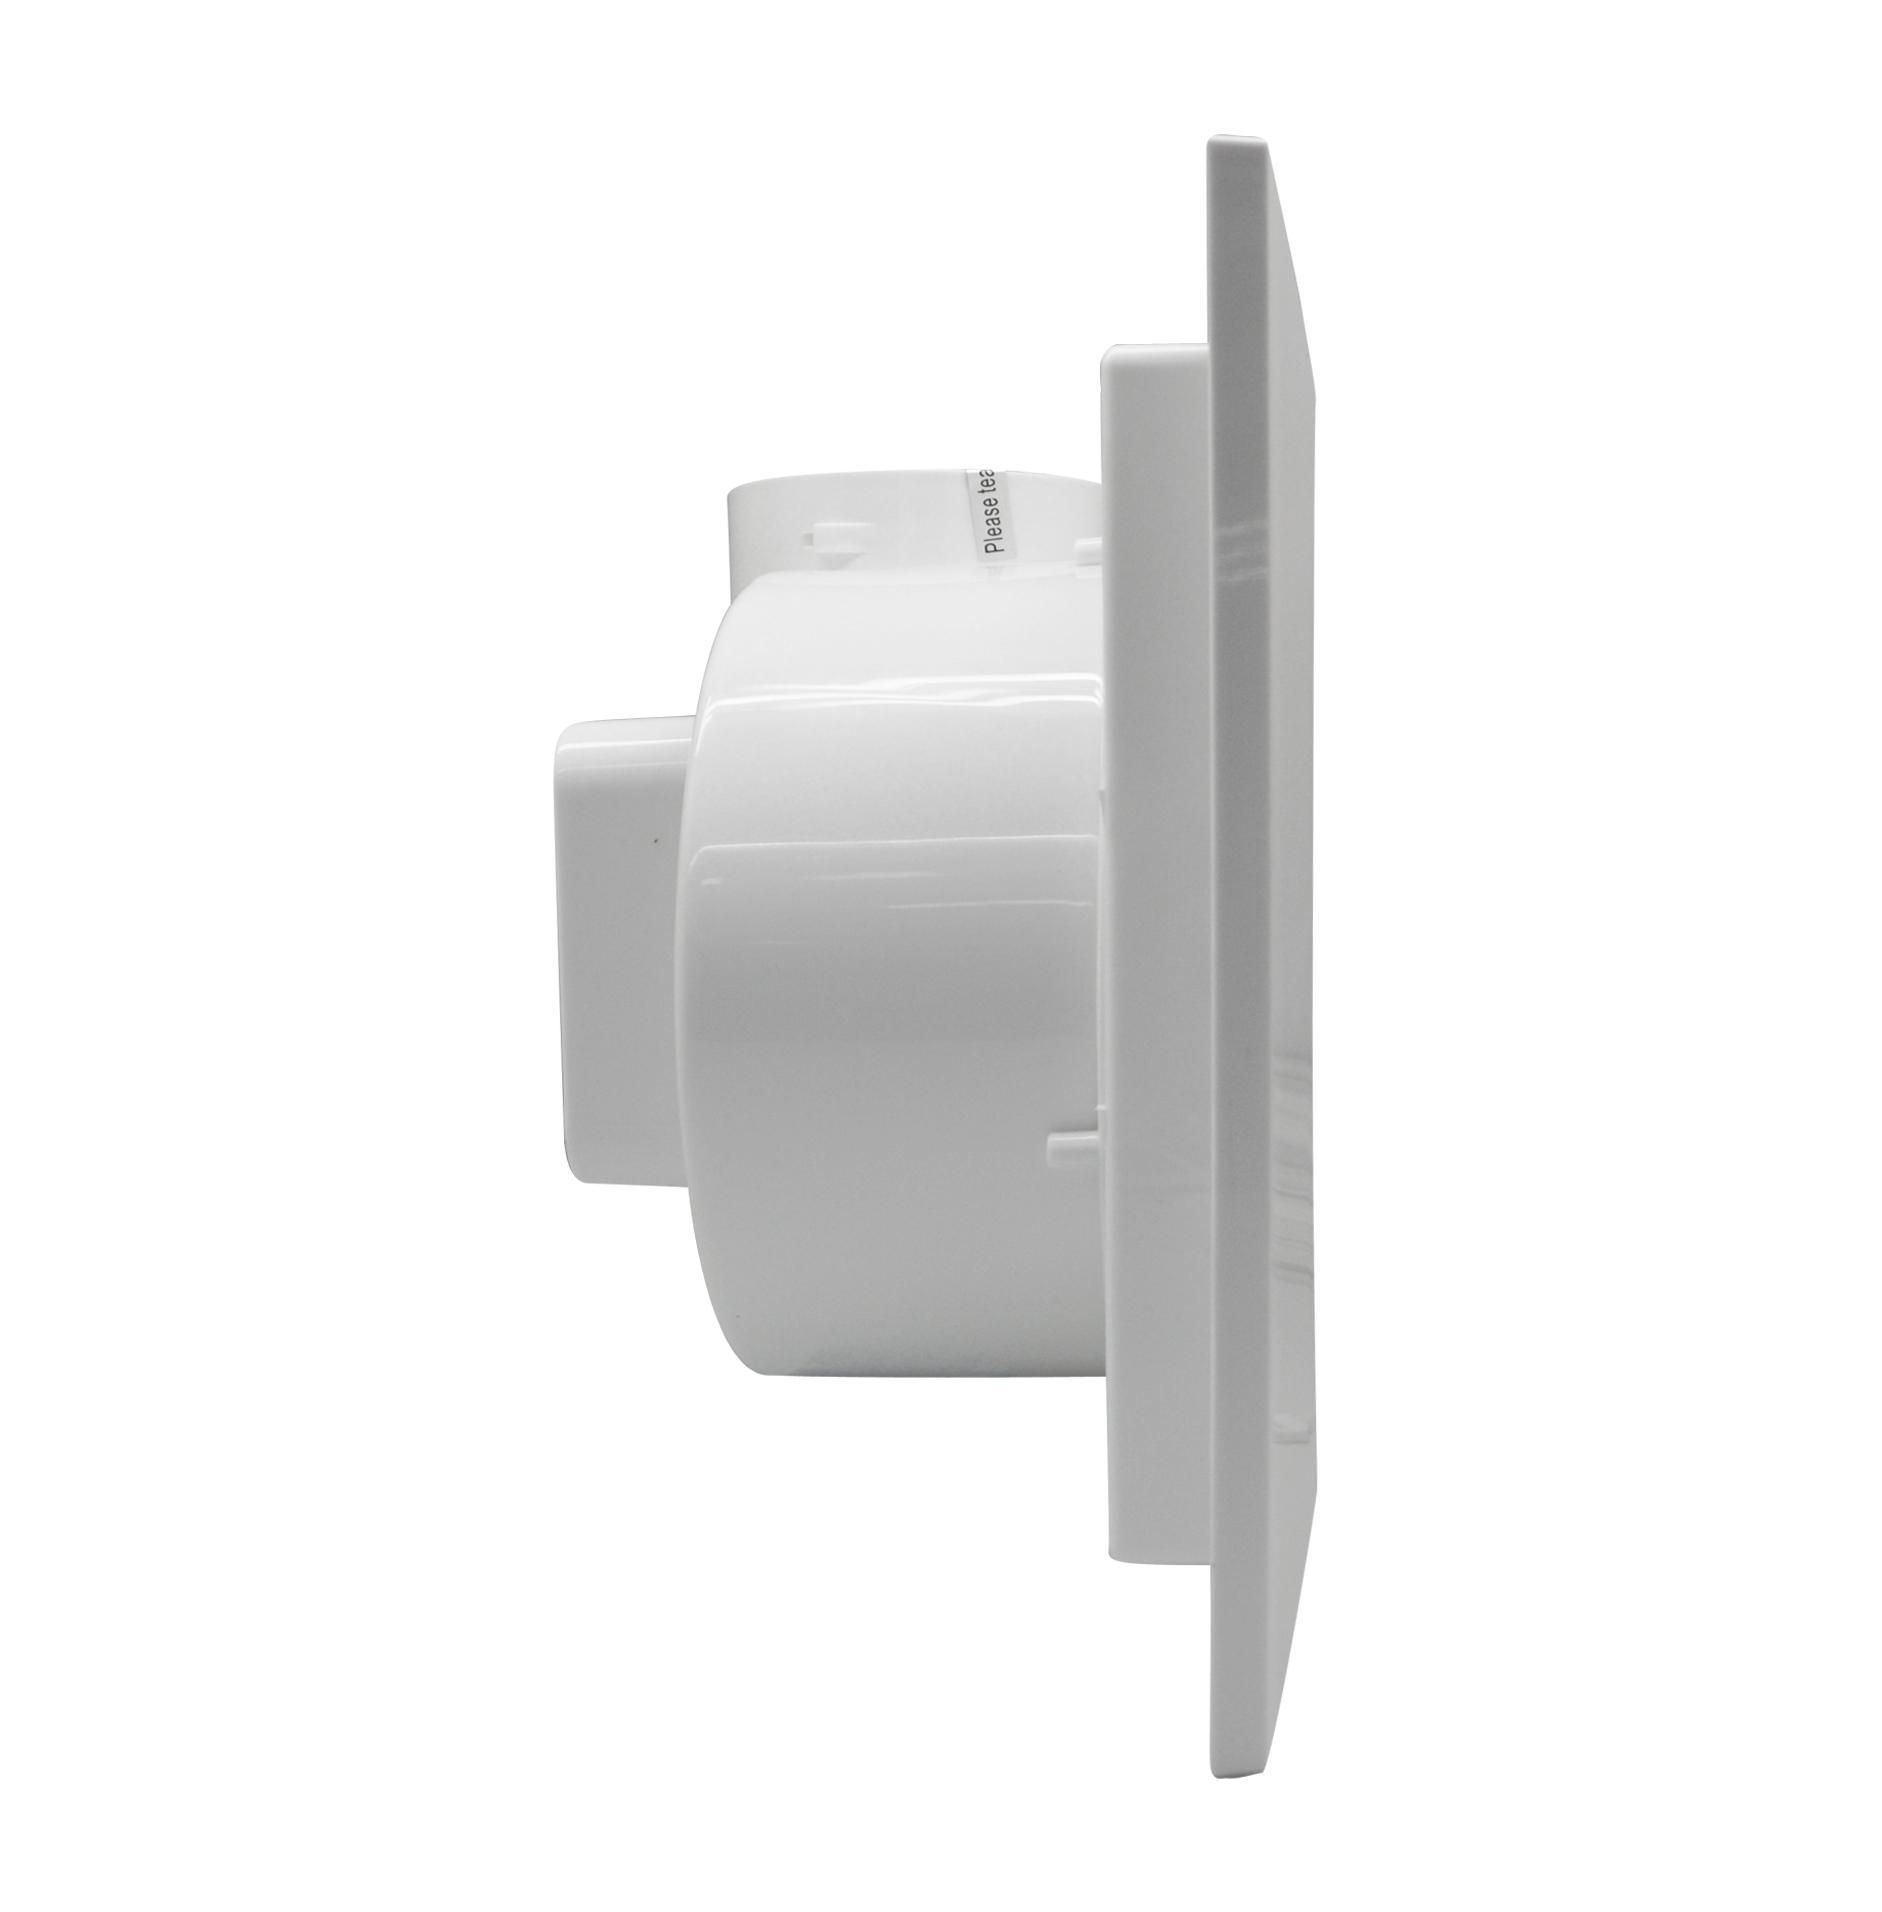 Putih Fan Exhaust Rumah Toilet Dapur Restoran Udara Hisap Angin Nyaman Aman Tidak .